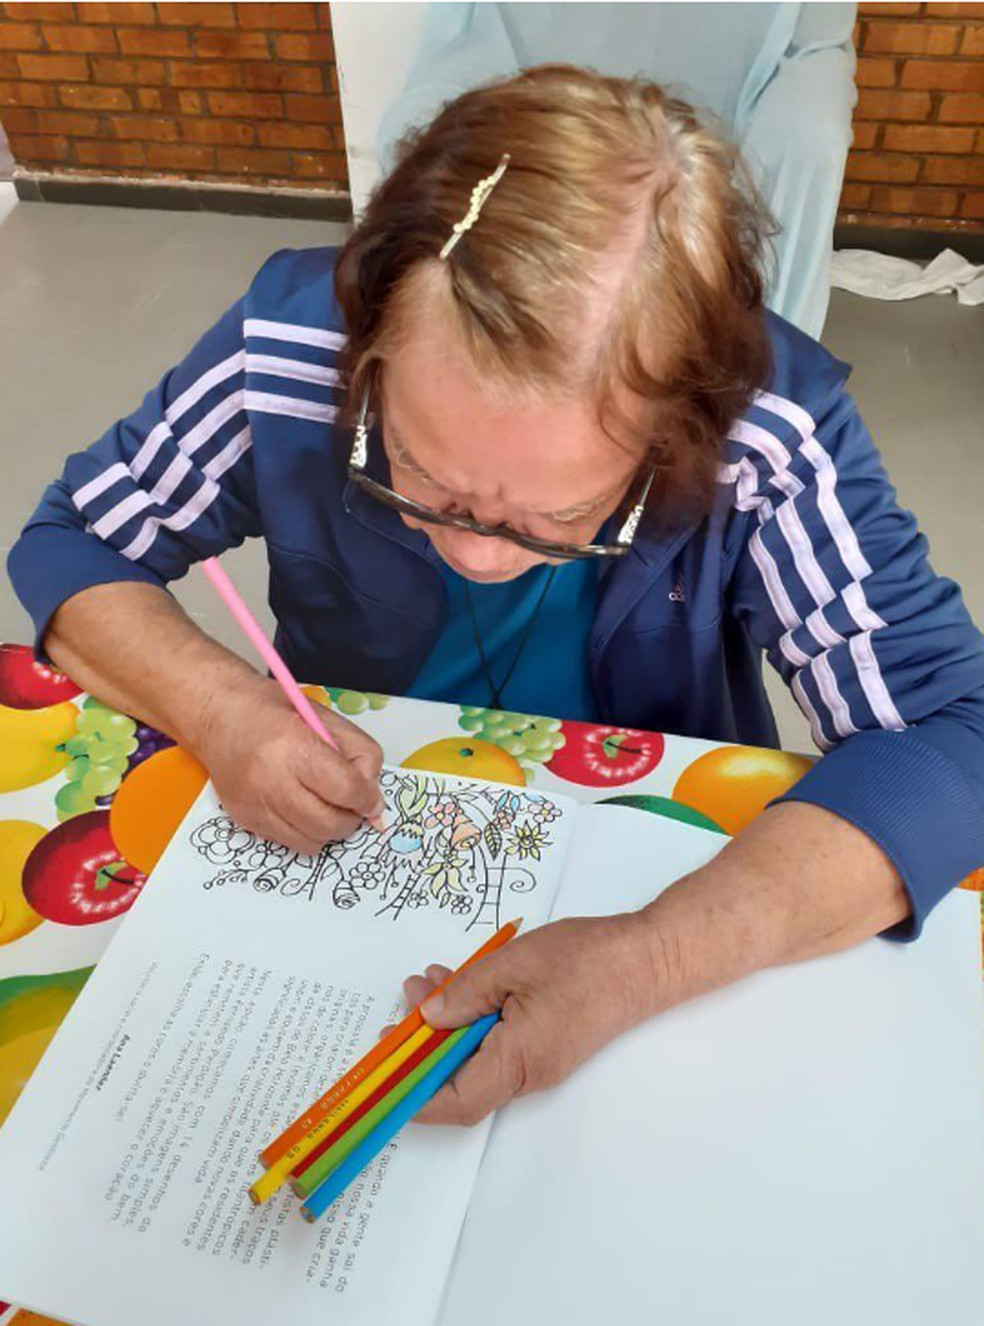 Além de cadernos de colorir, idosos ganham kit com lápis de cor, apontador e borracha — Foto: PBH/Divulgação